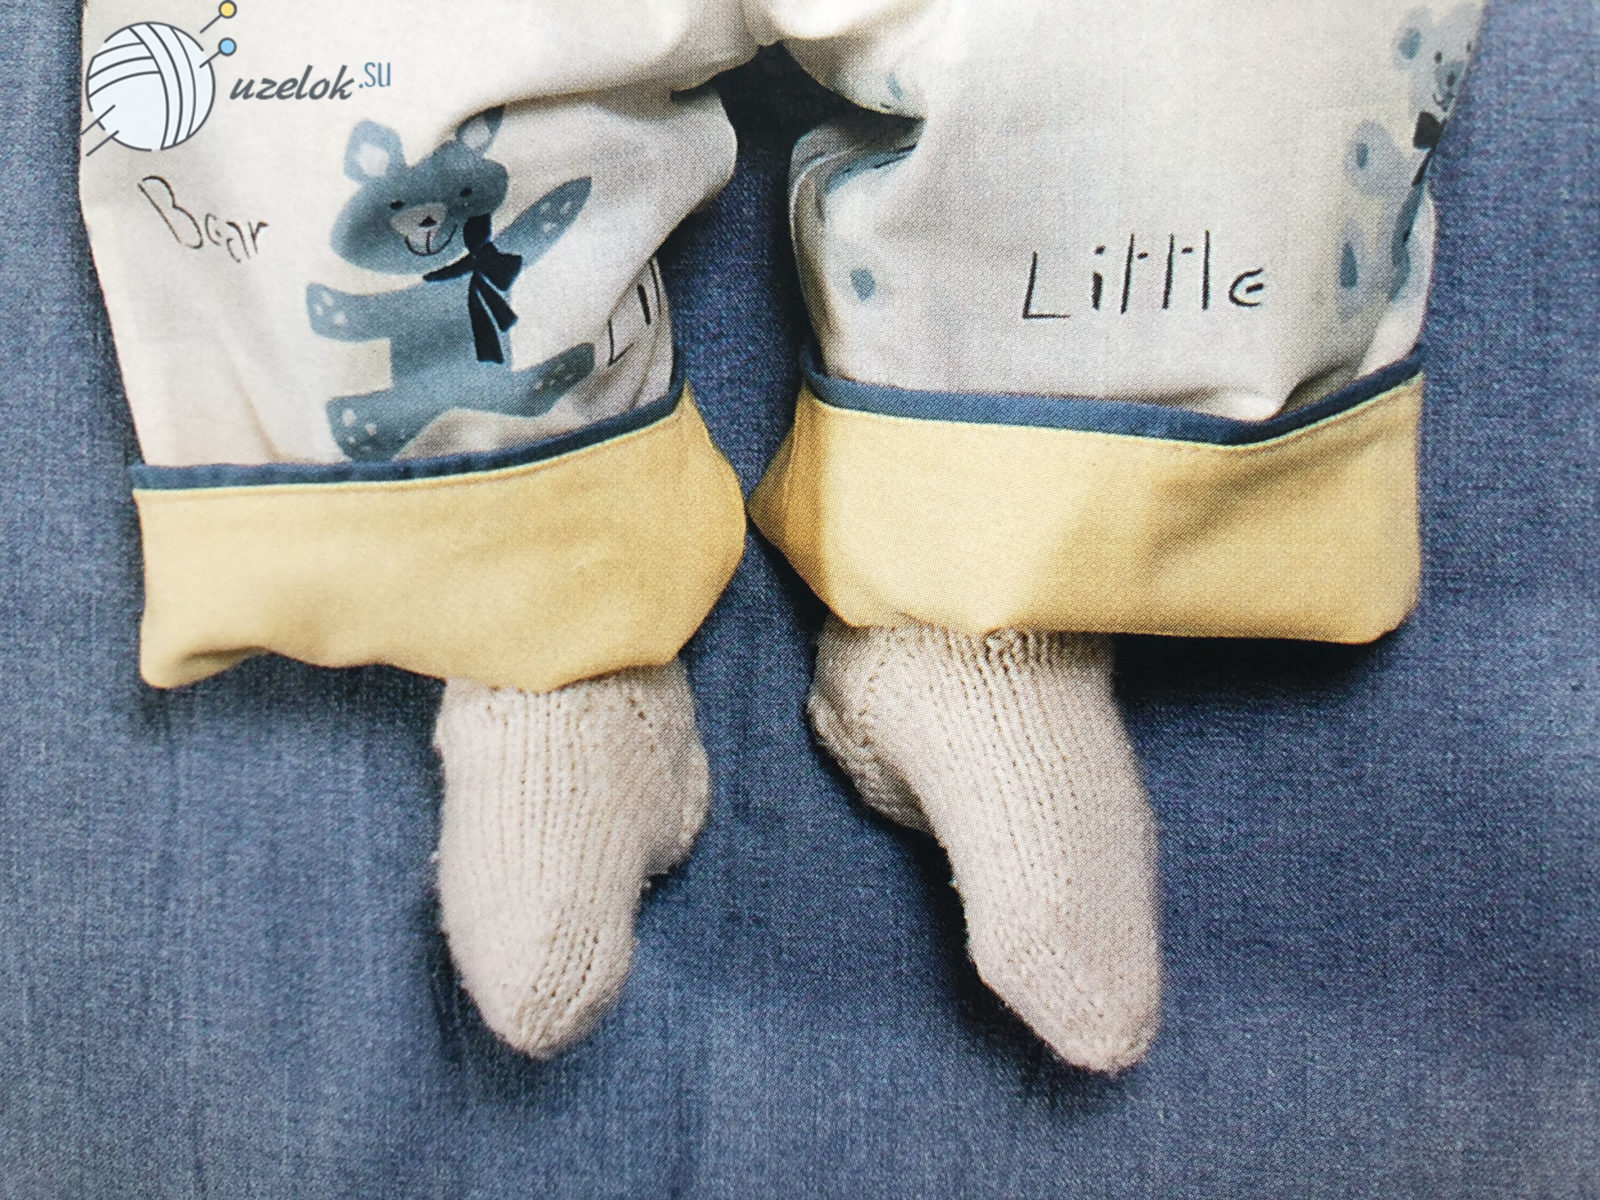 Размер детских носков спицами: таблица